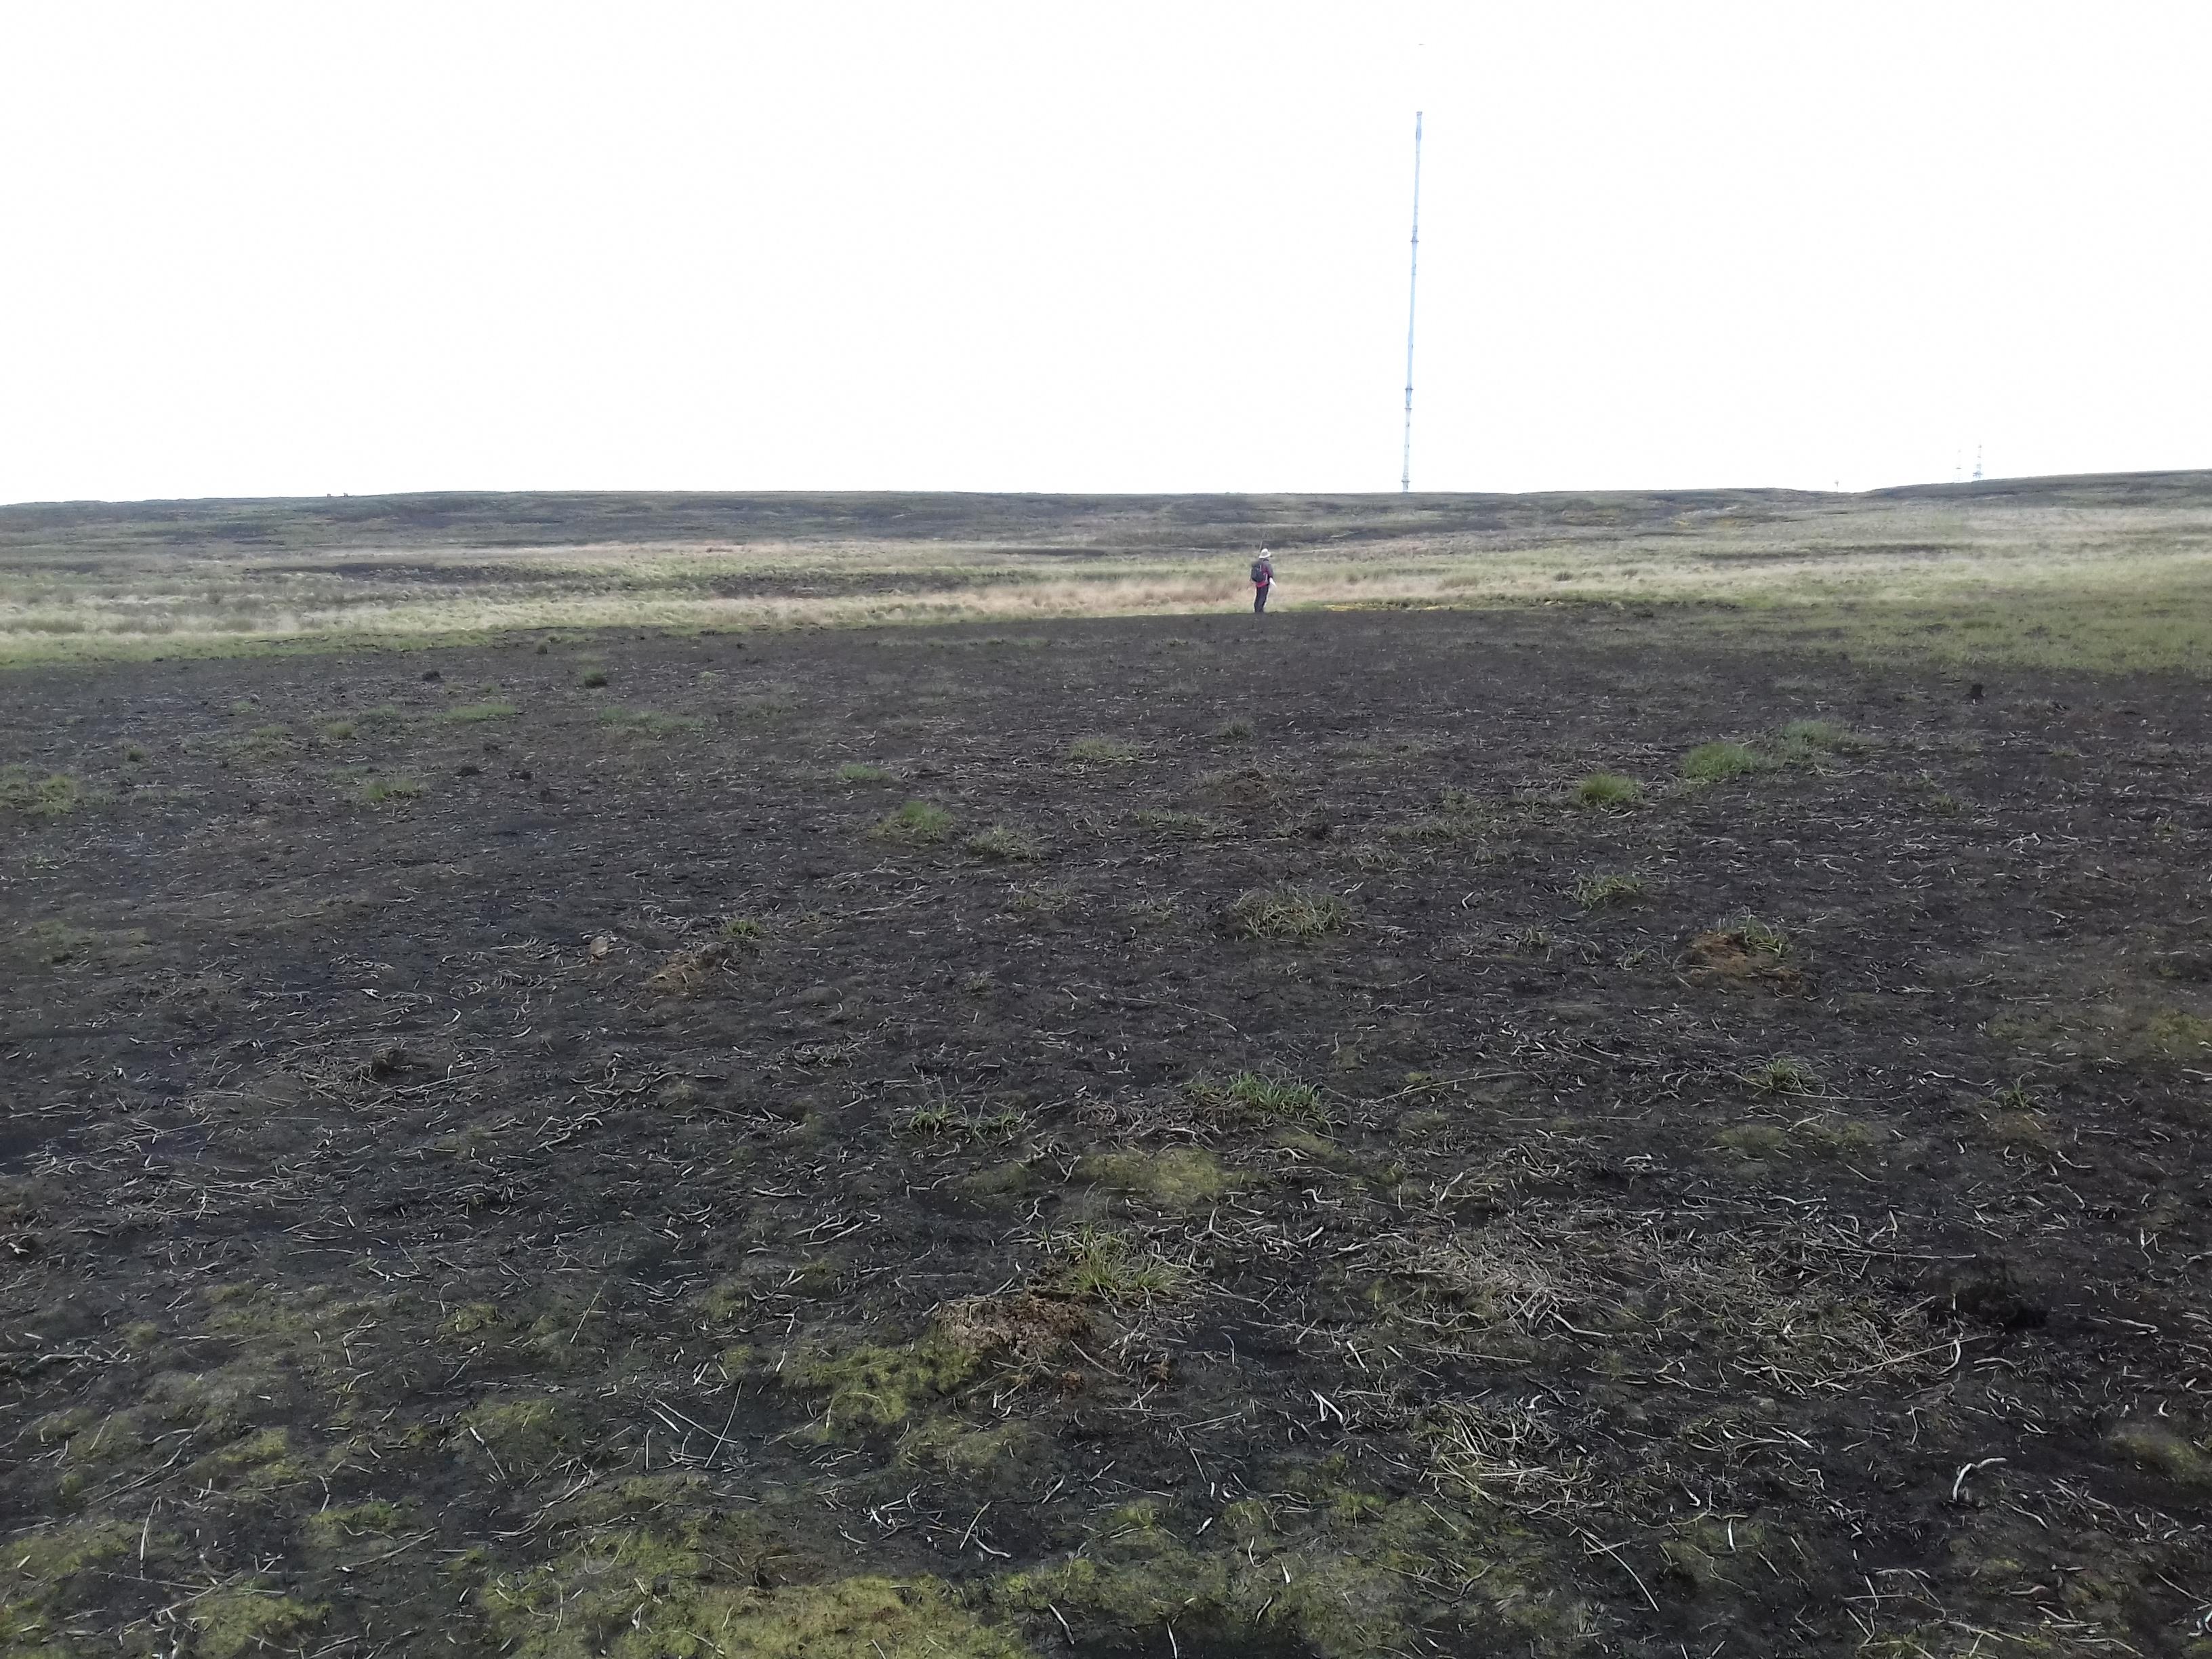 Winter Hill post-fire survey 2019